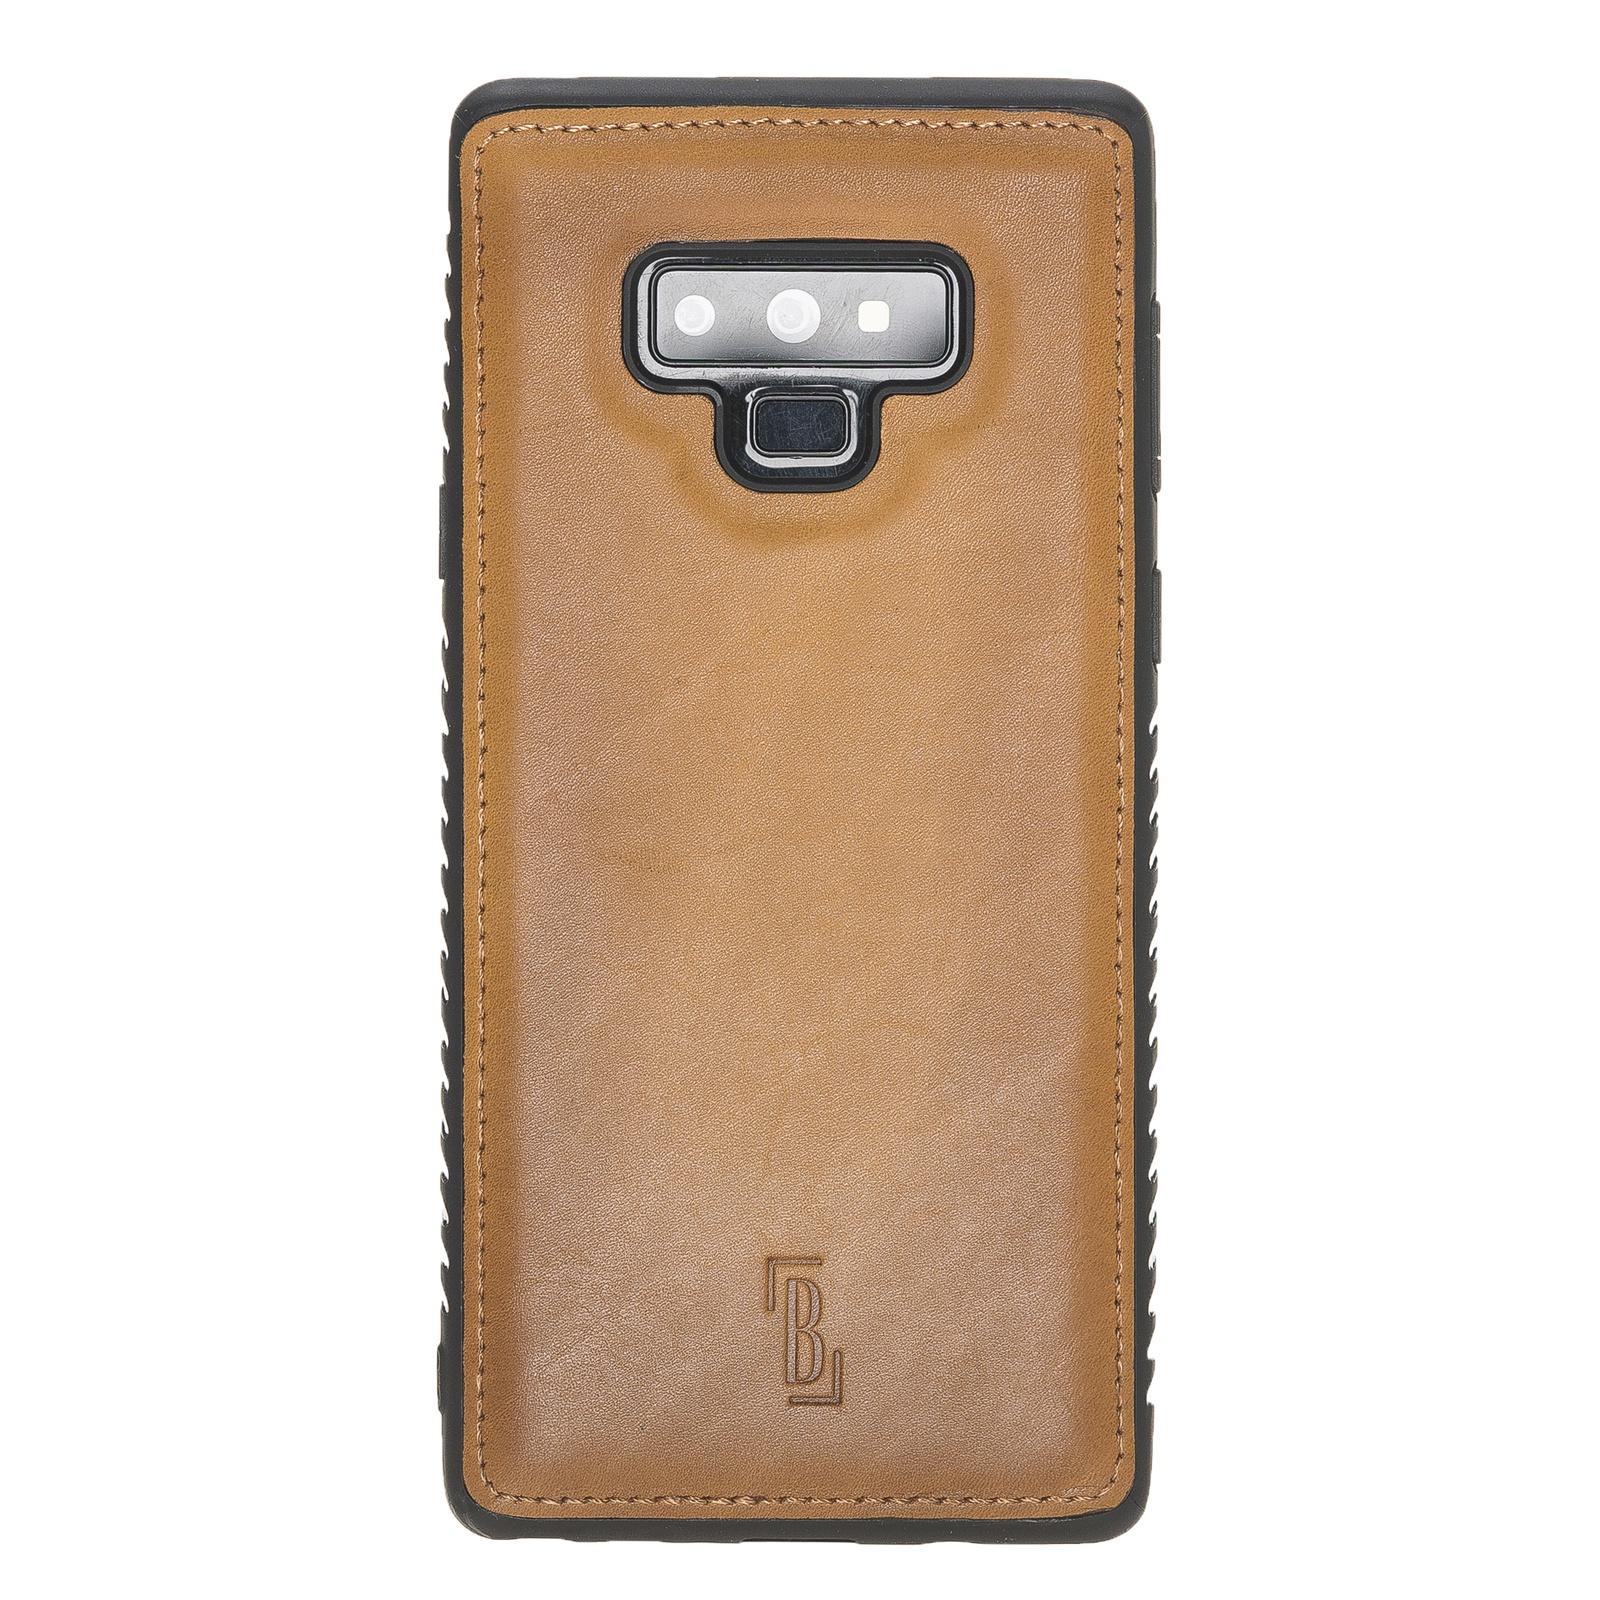 Чехол для сотового телефона Burkley для Samsung Galaxy Note 9 FlexCover, бронза